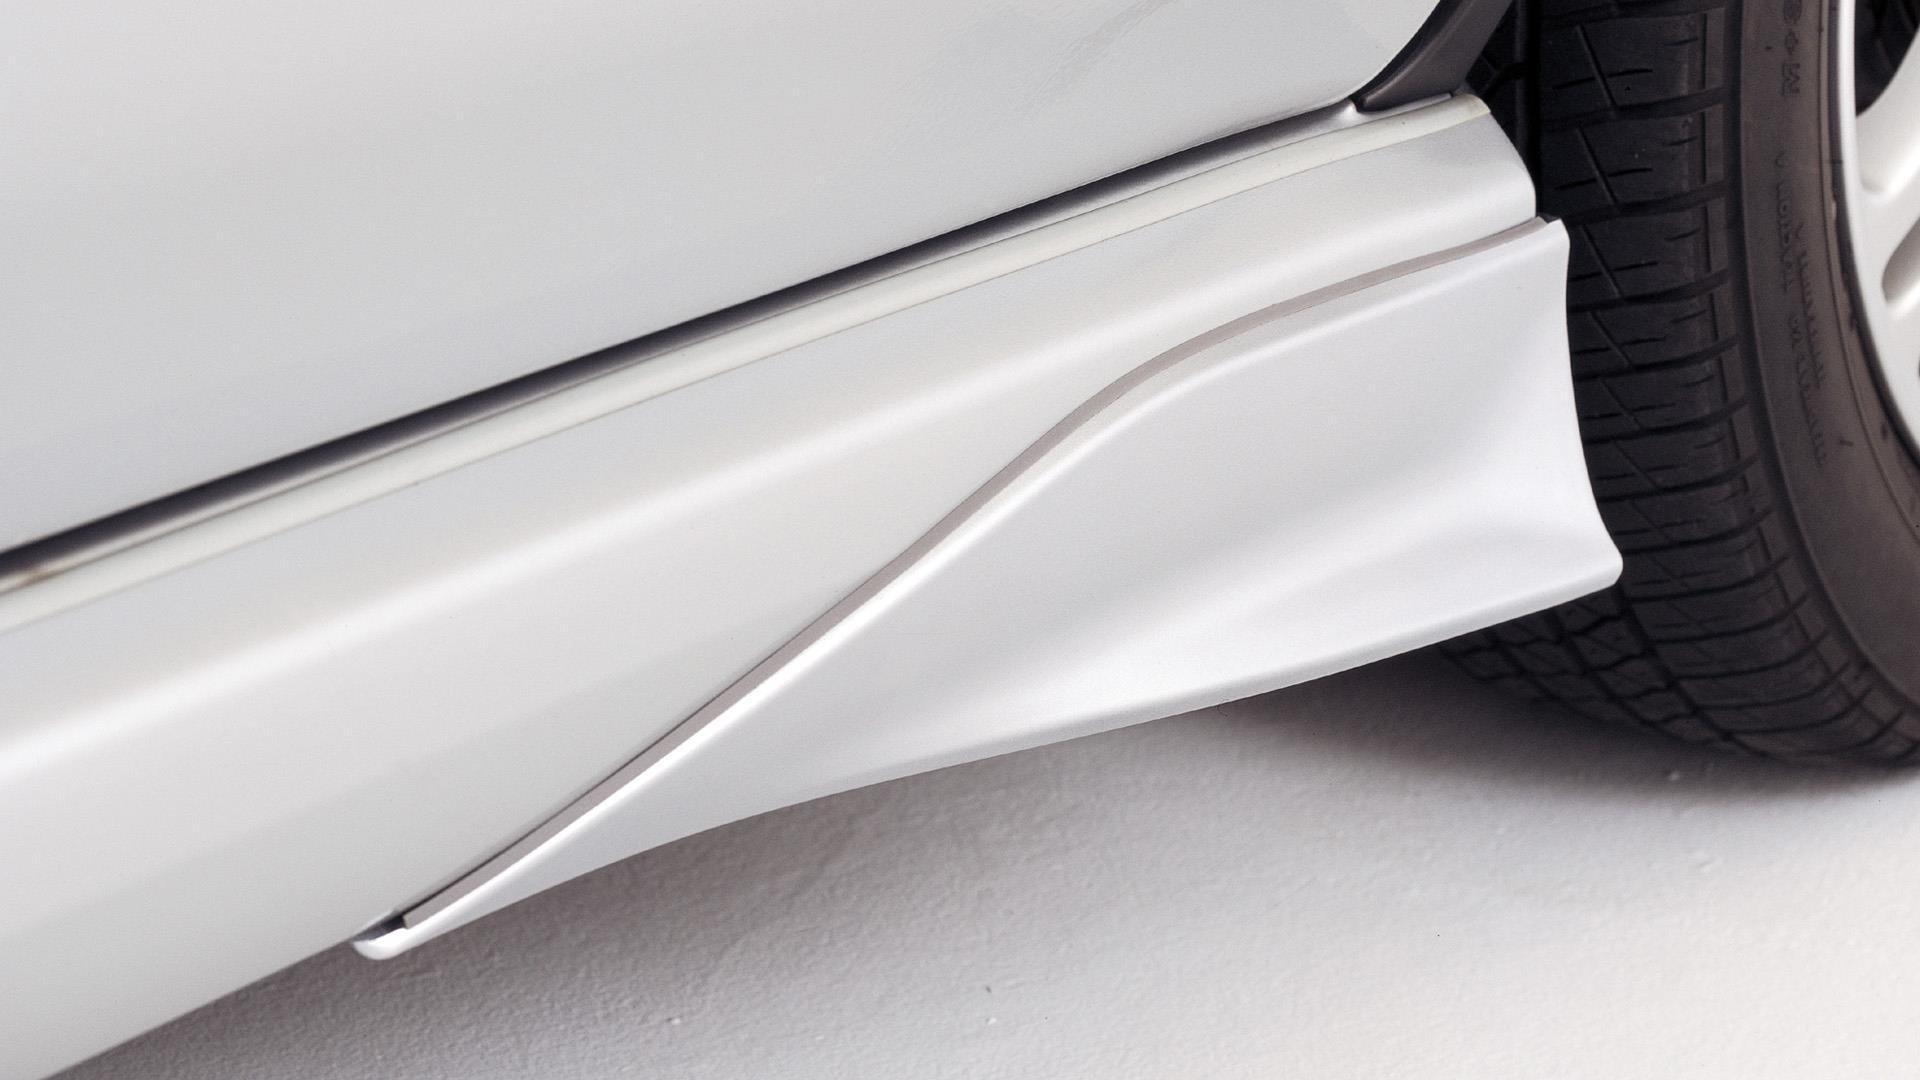 2005 Subaru Sti Strake Kit Silver Platinum Pearl